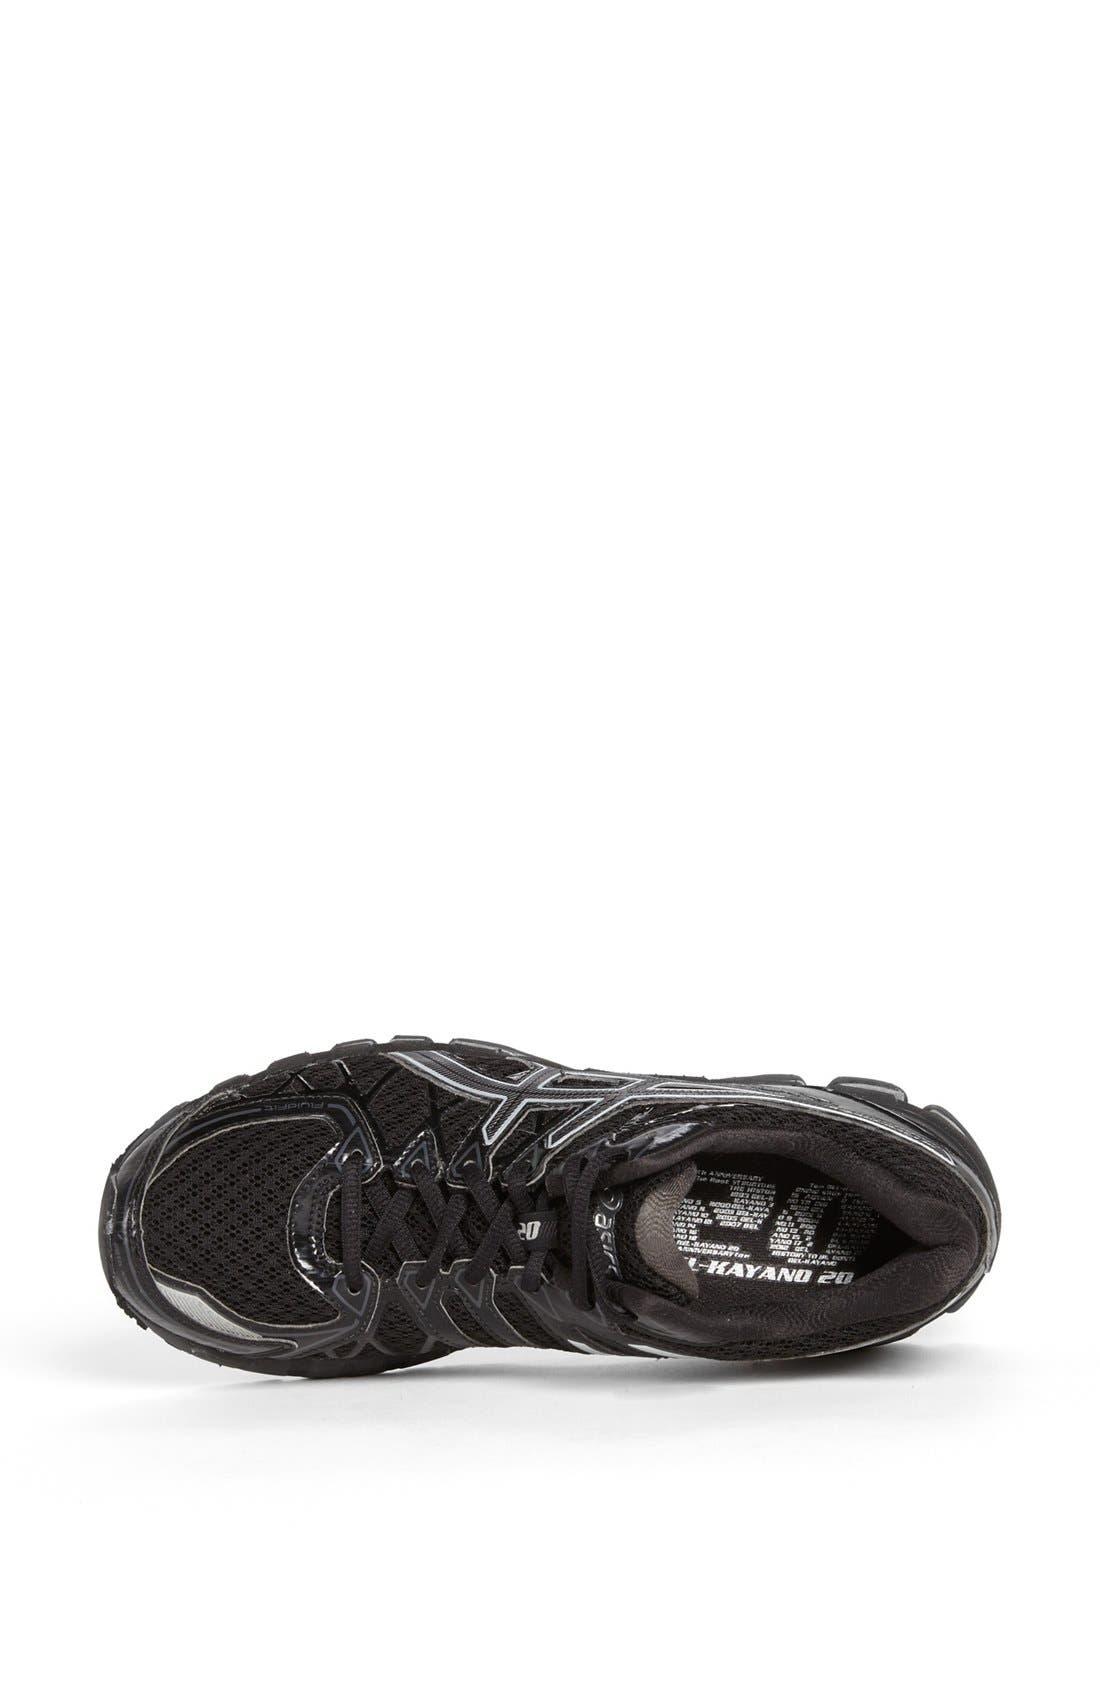 Alternate Image 3  - ASICS® 'GEL-Kayano® 20' Running Shoe (Women)